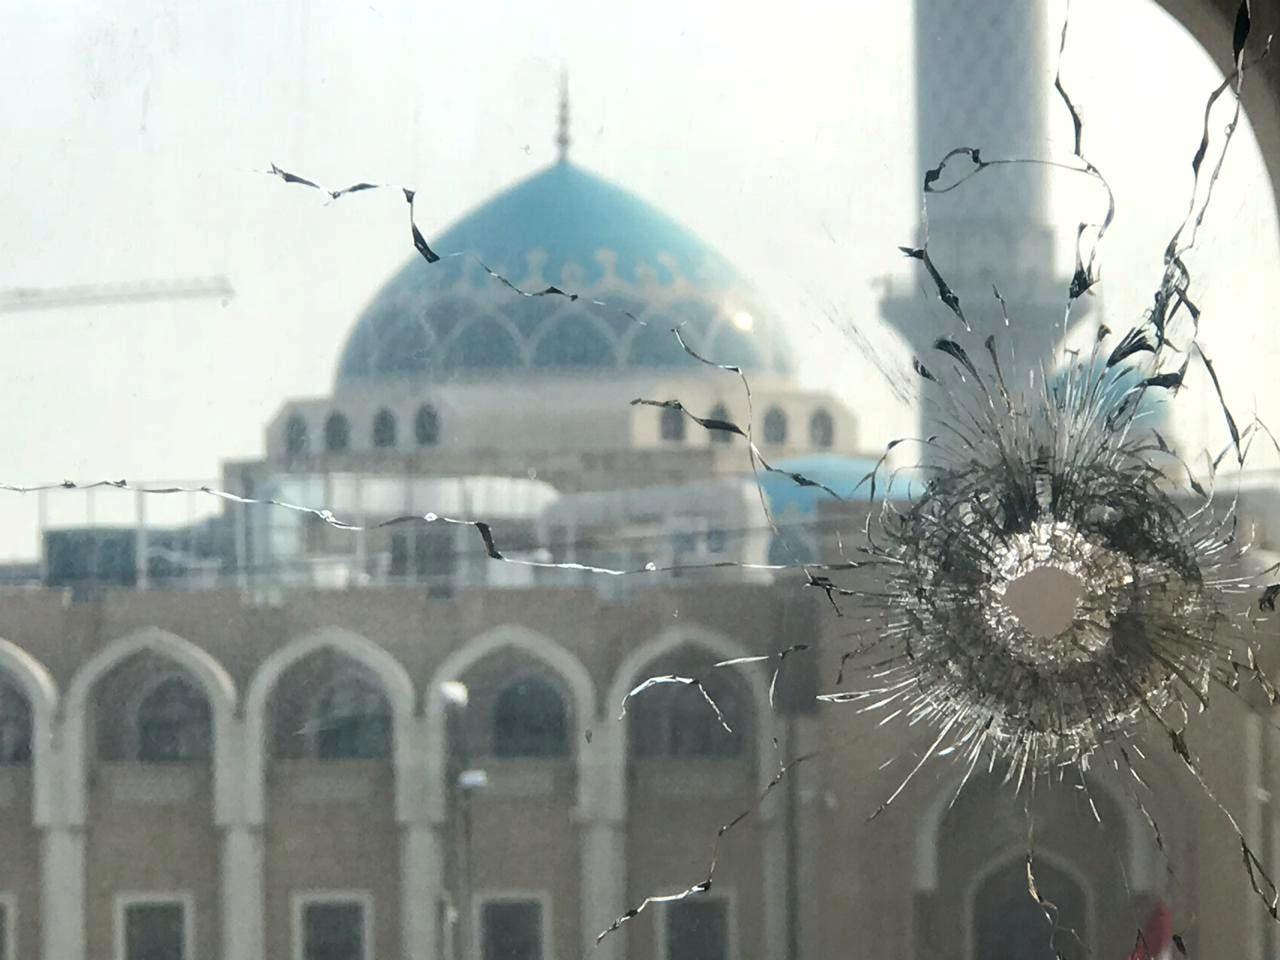 نافذة مكسورة أمام مرقد الحكيم خلال الاحتجاجات في النجف